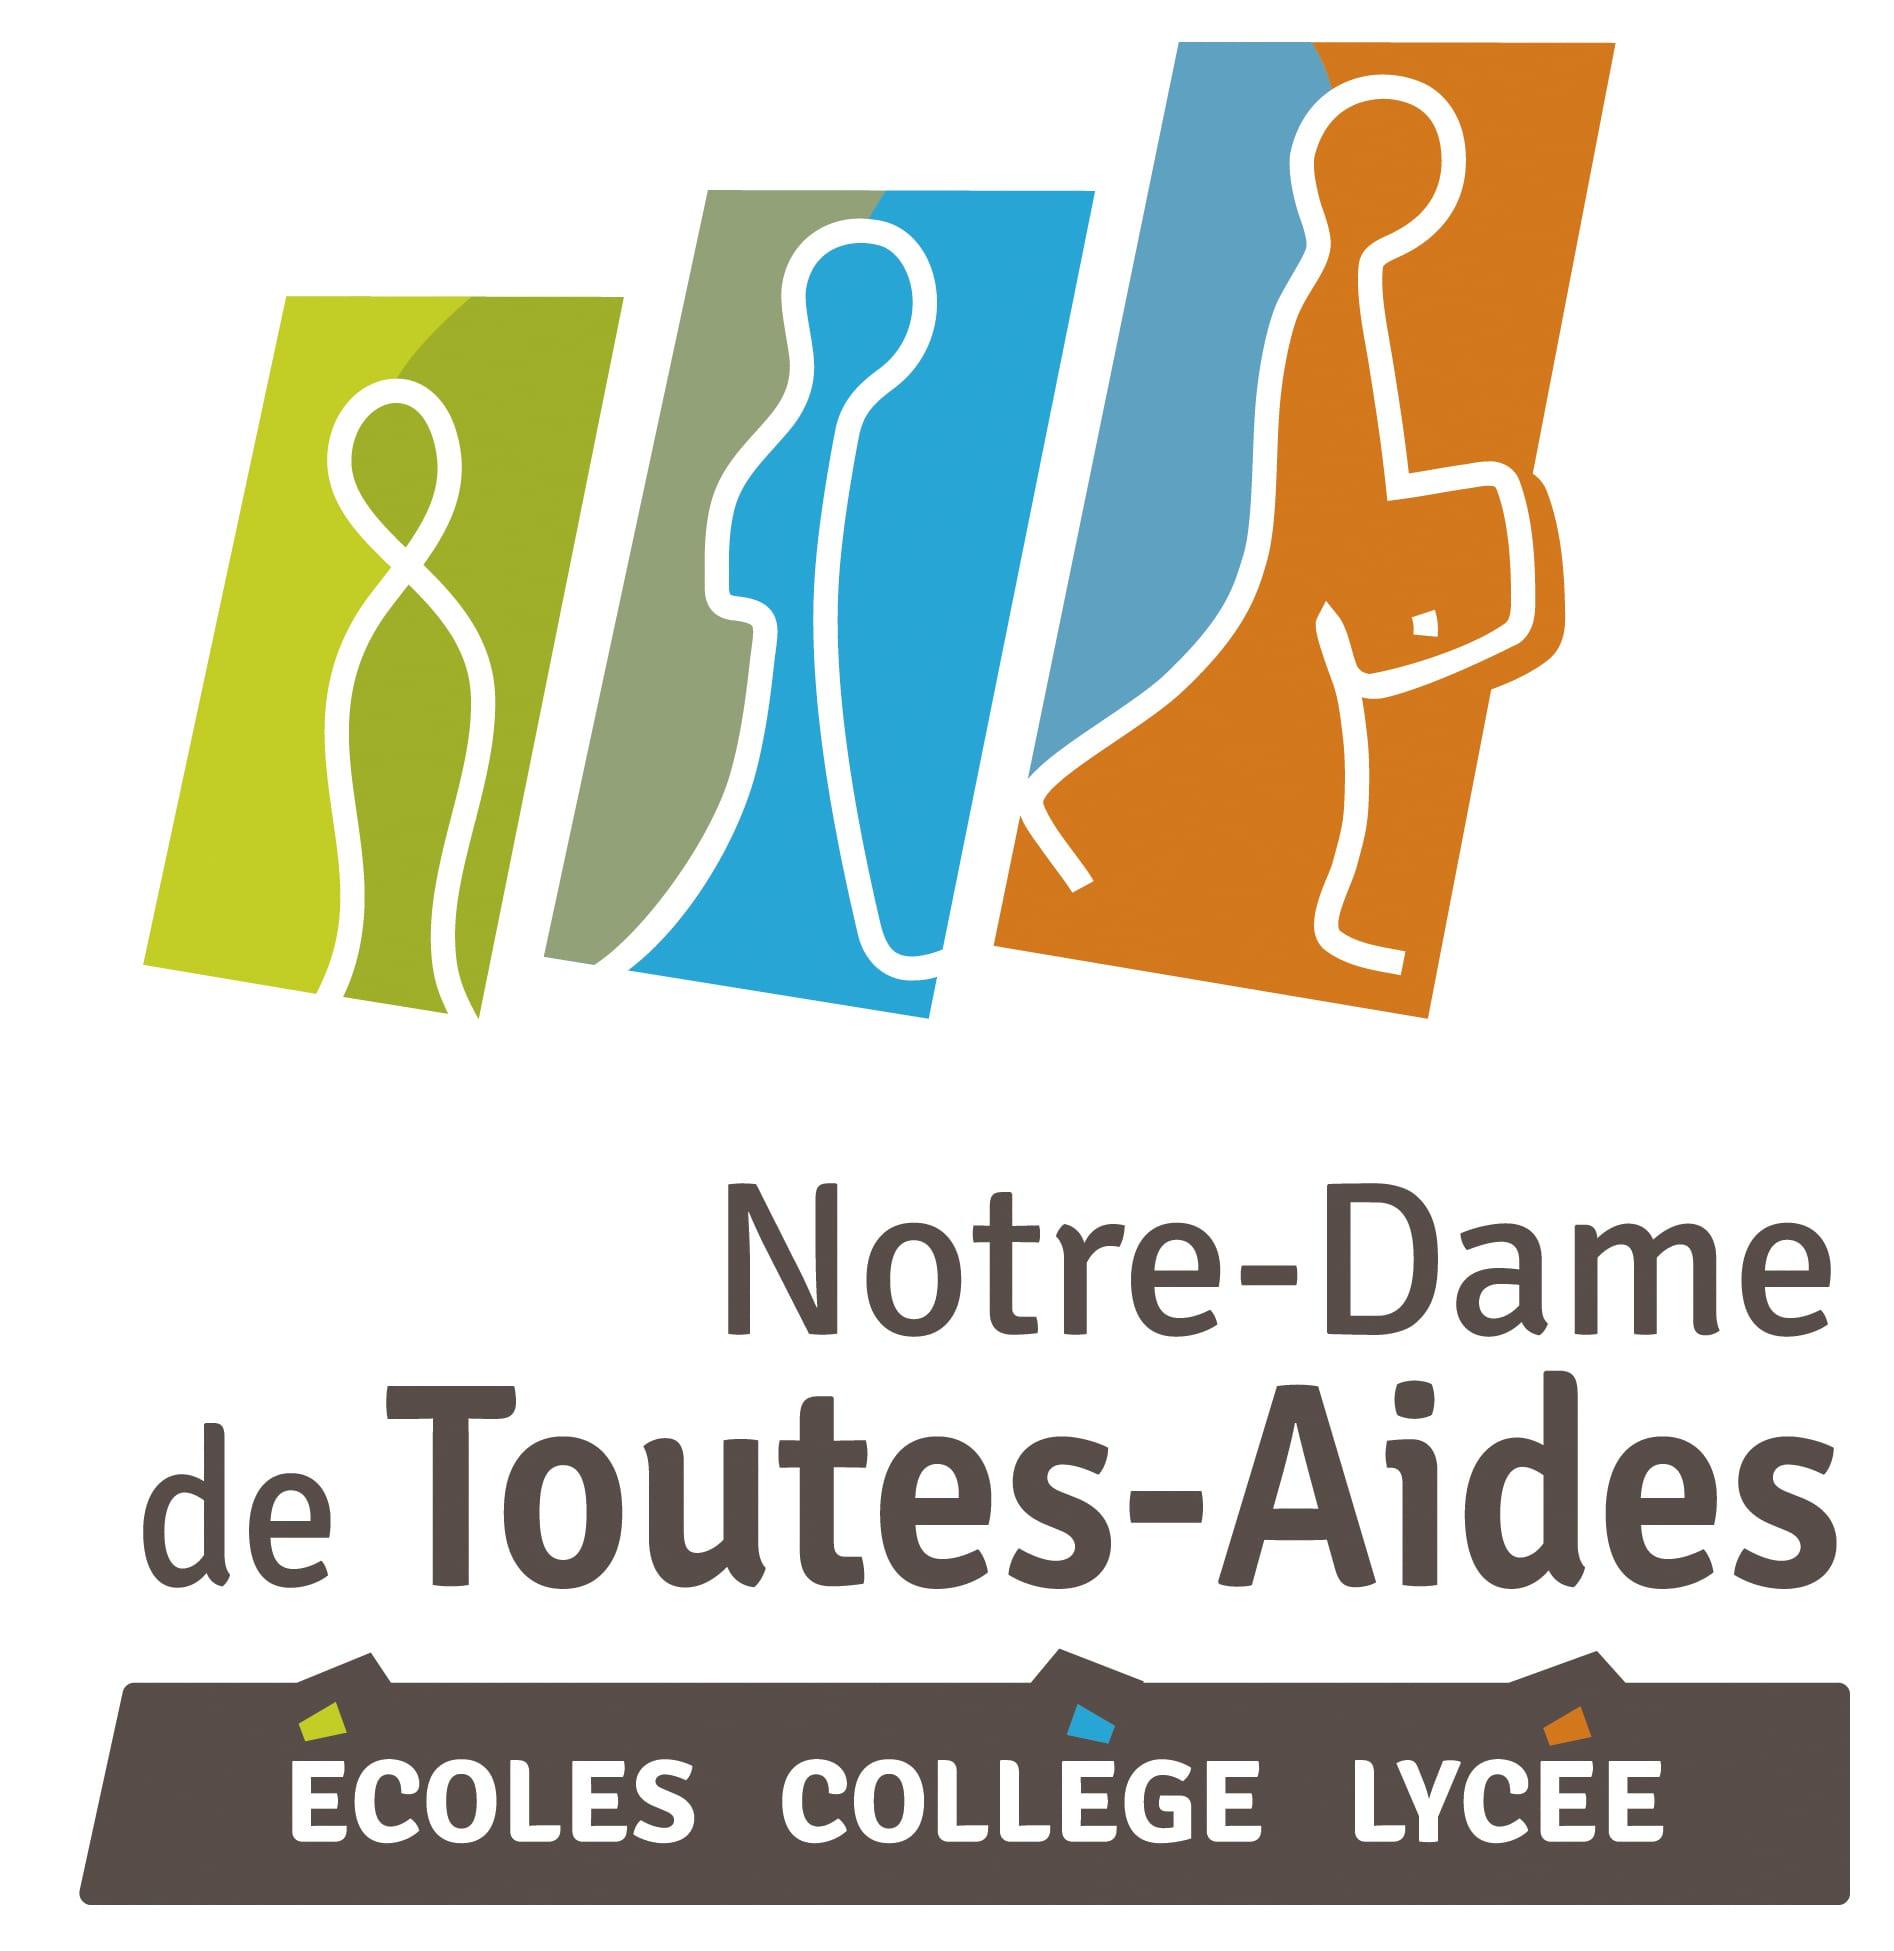 Notre-dame-de-toutes-aides-Nantes-new